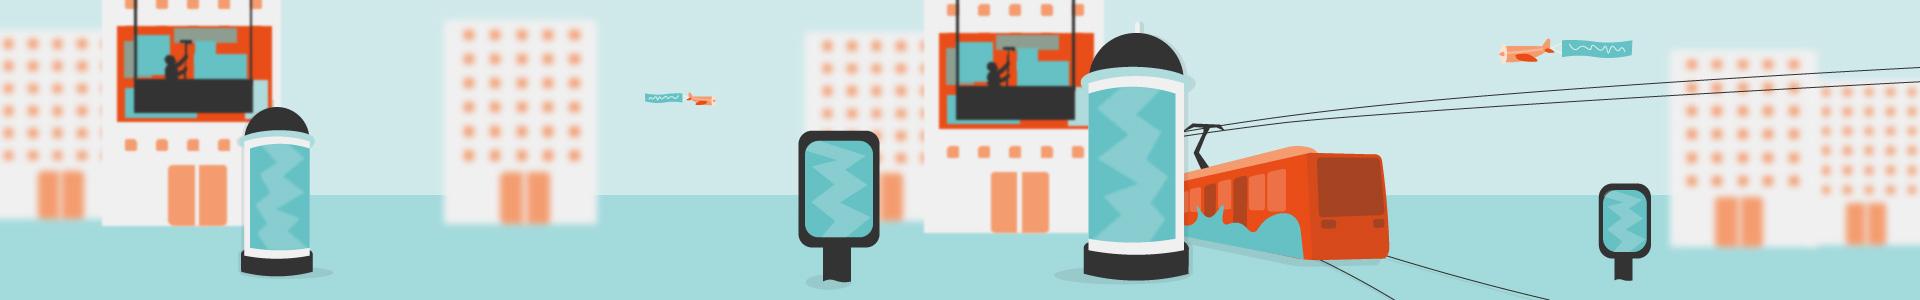 Out-of-Home-Werbung: analog und digital